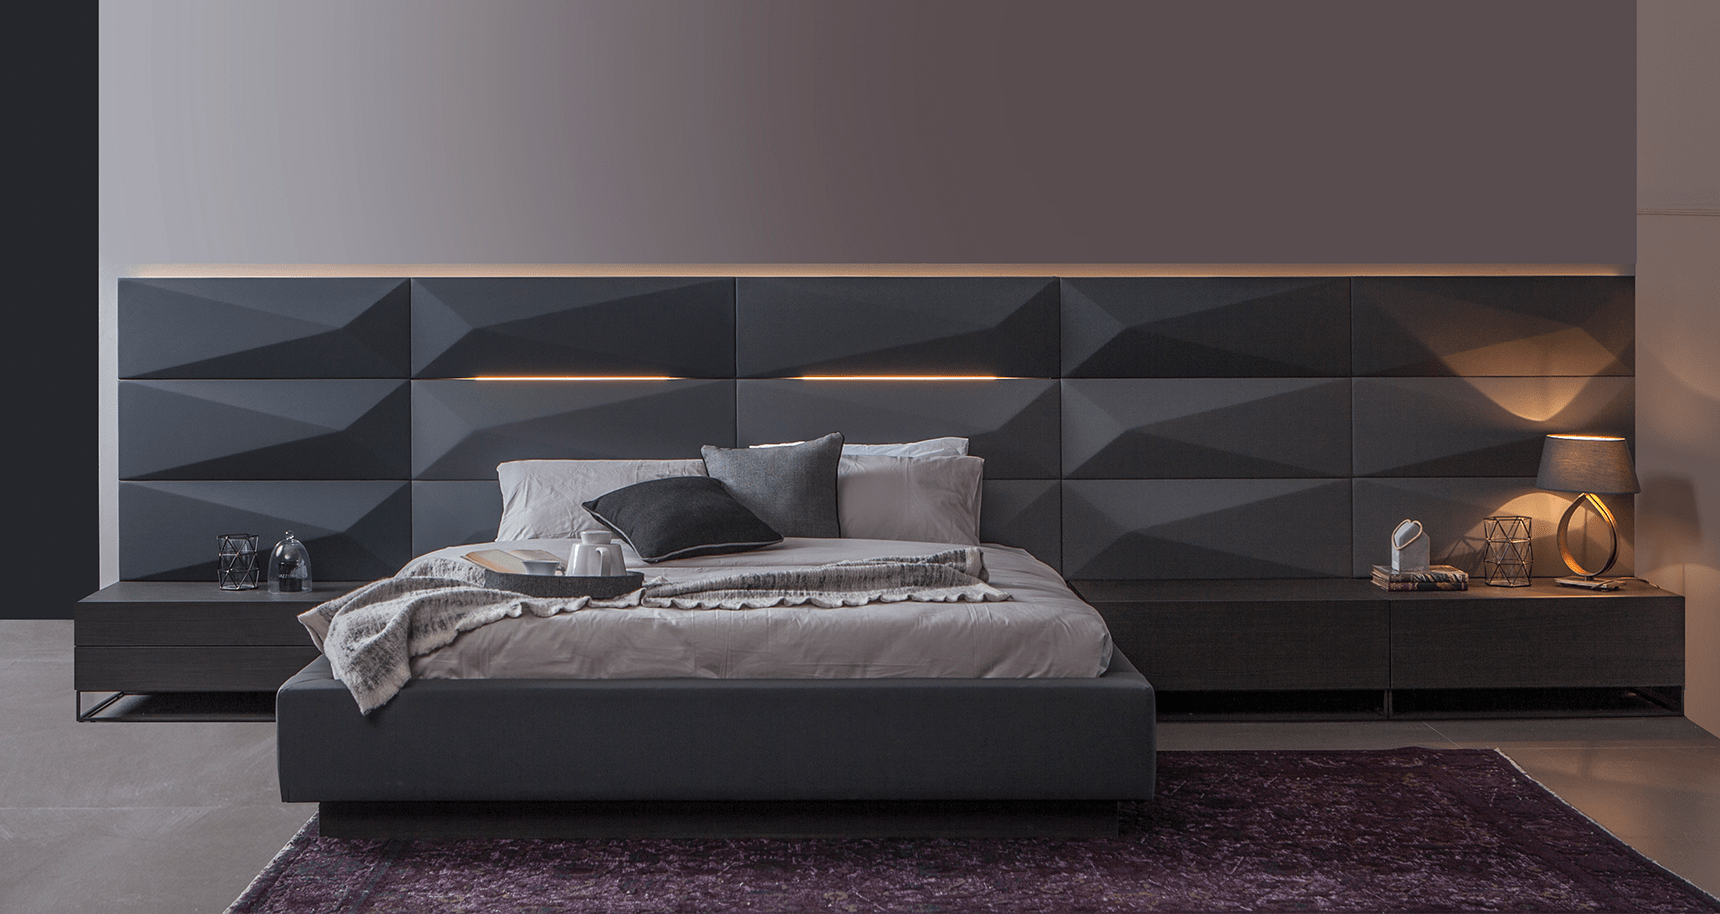 Lazzoni Mobilya Hexa Bed Yatak Odasi Dekorstore